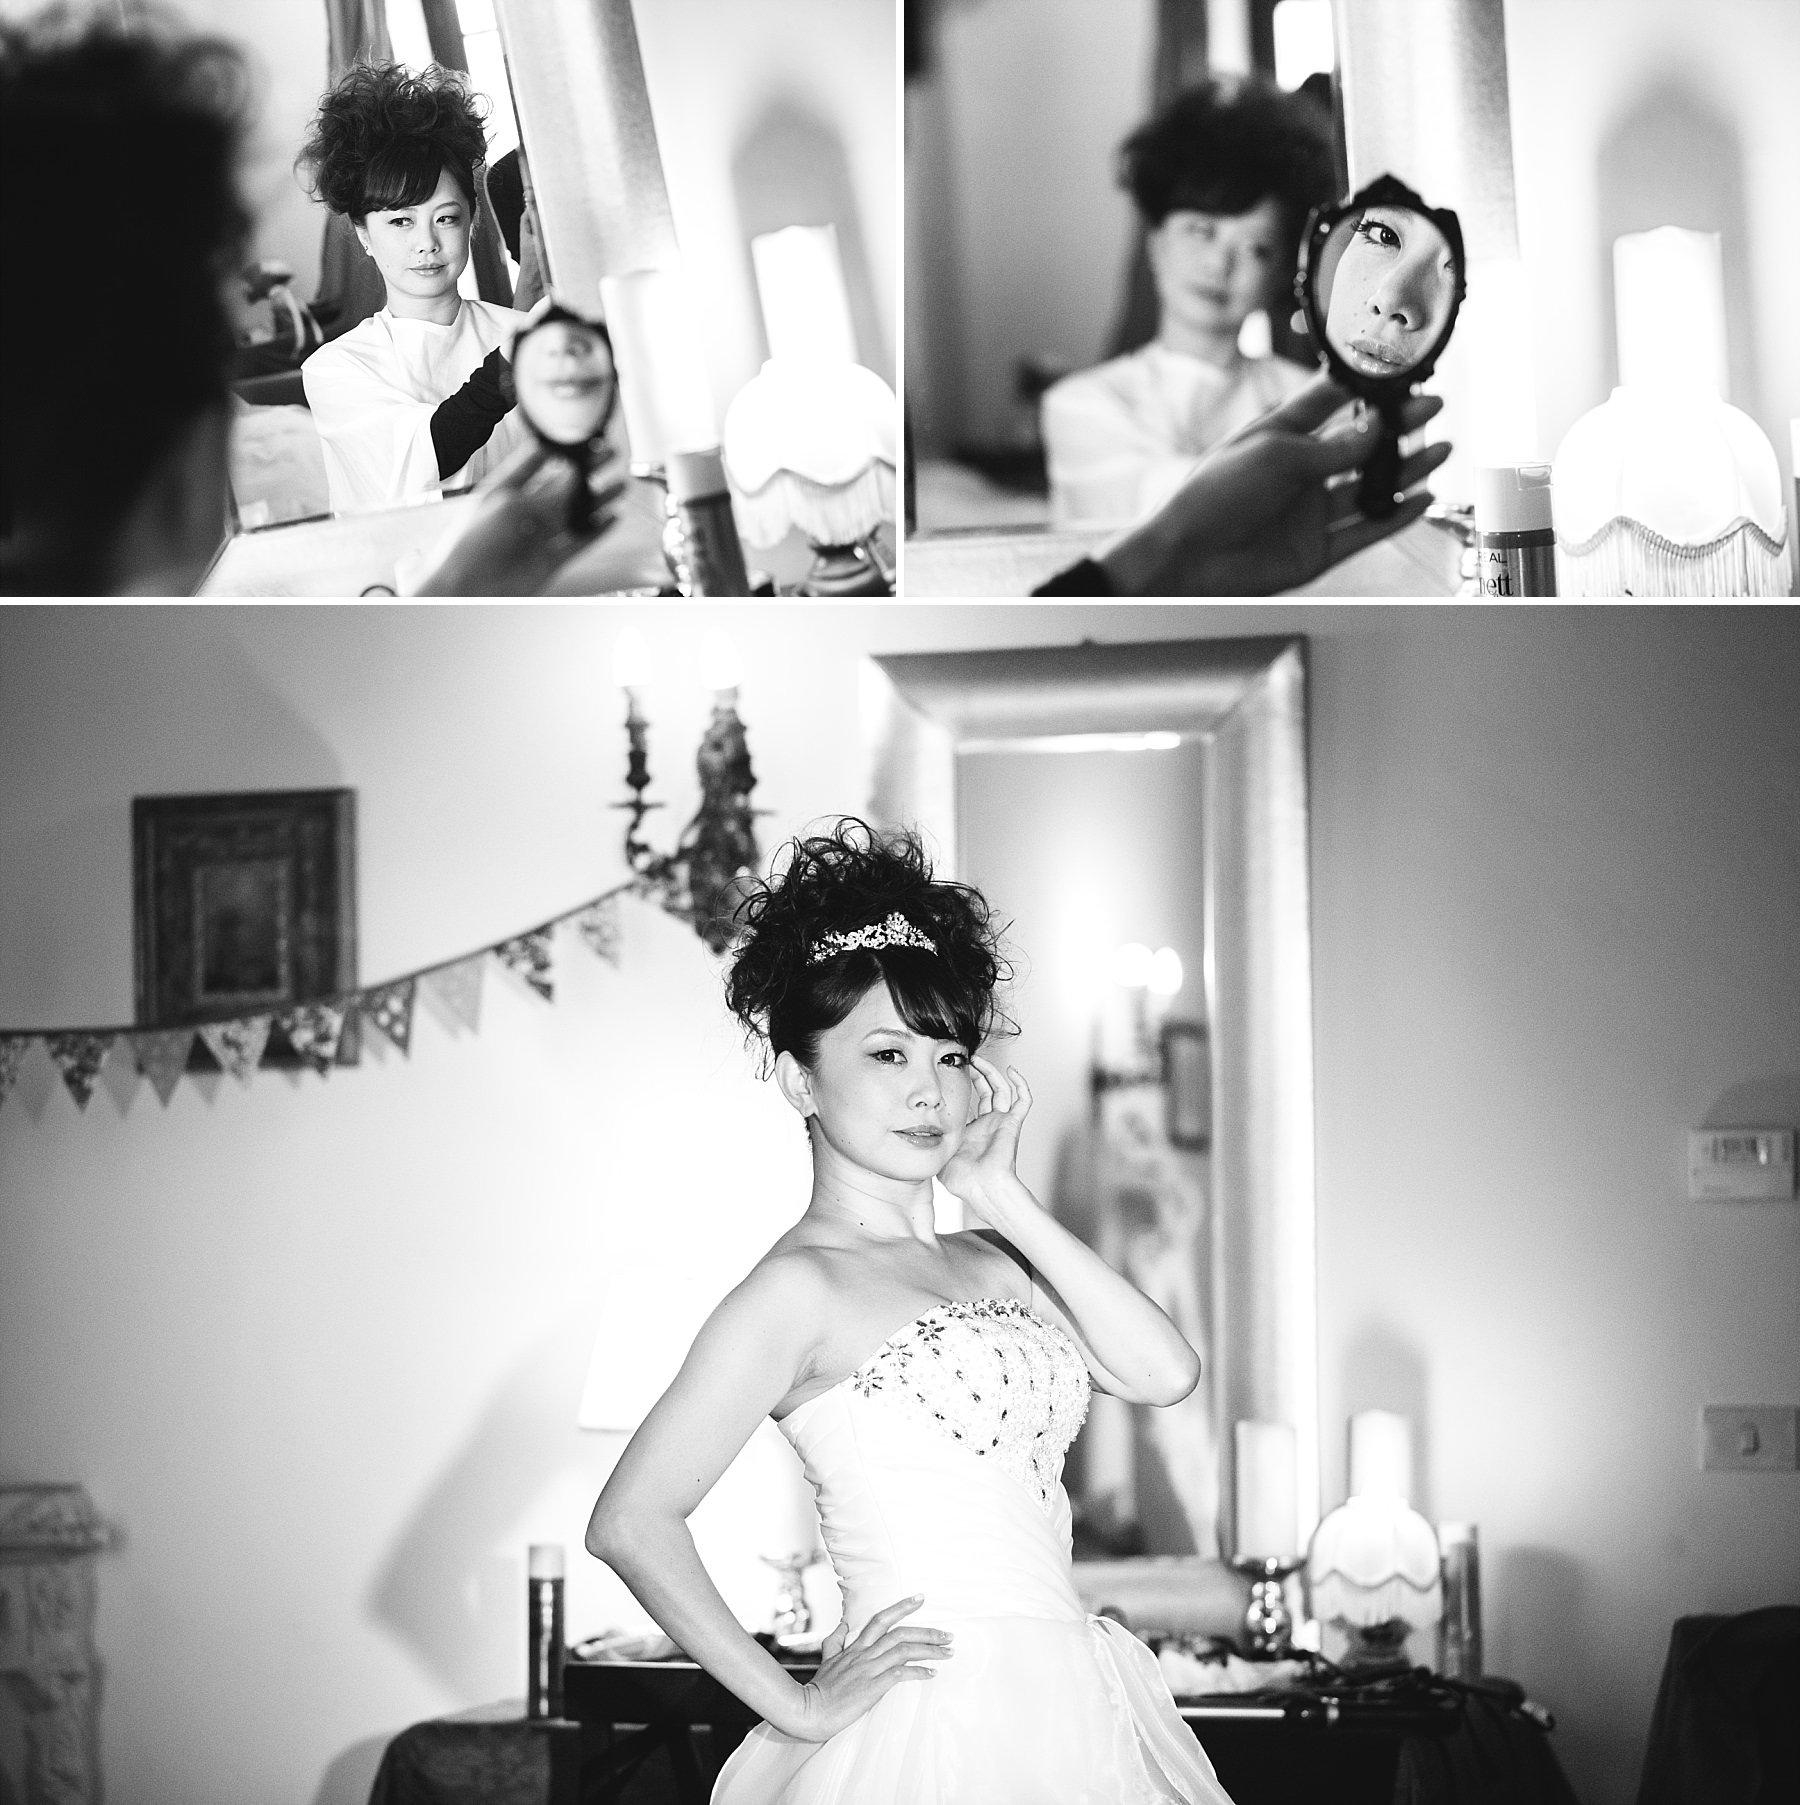 Fotografie di una sposa giapponese mentre si prepara per la cerimonia